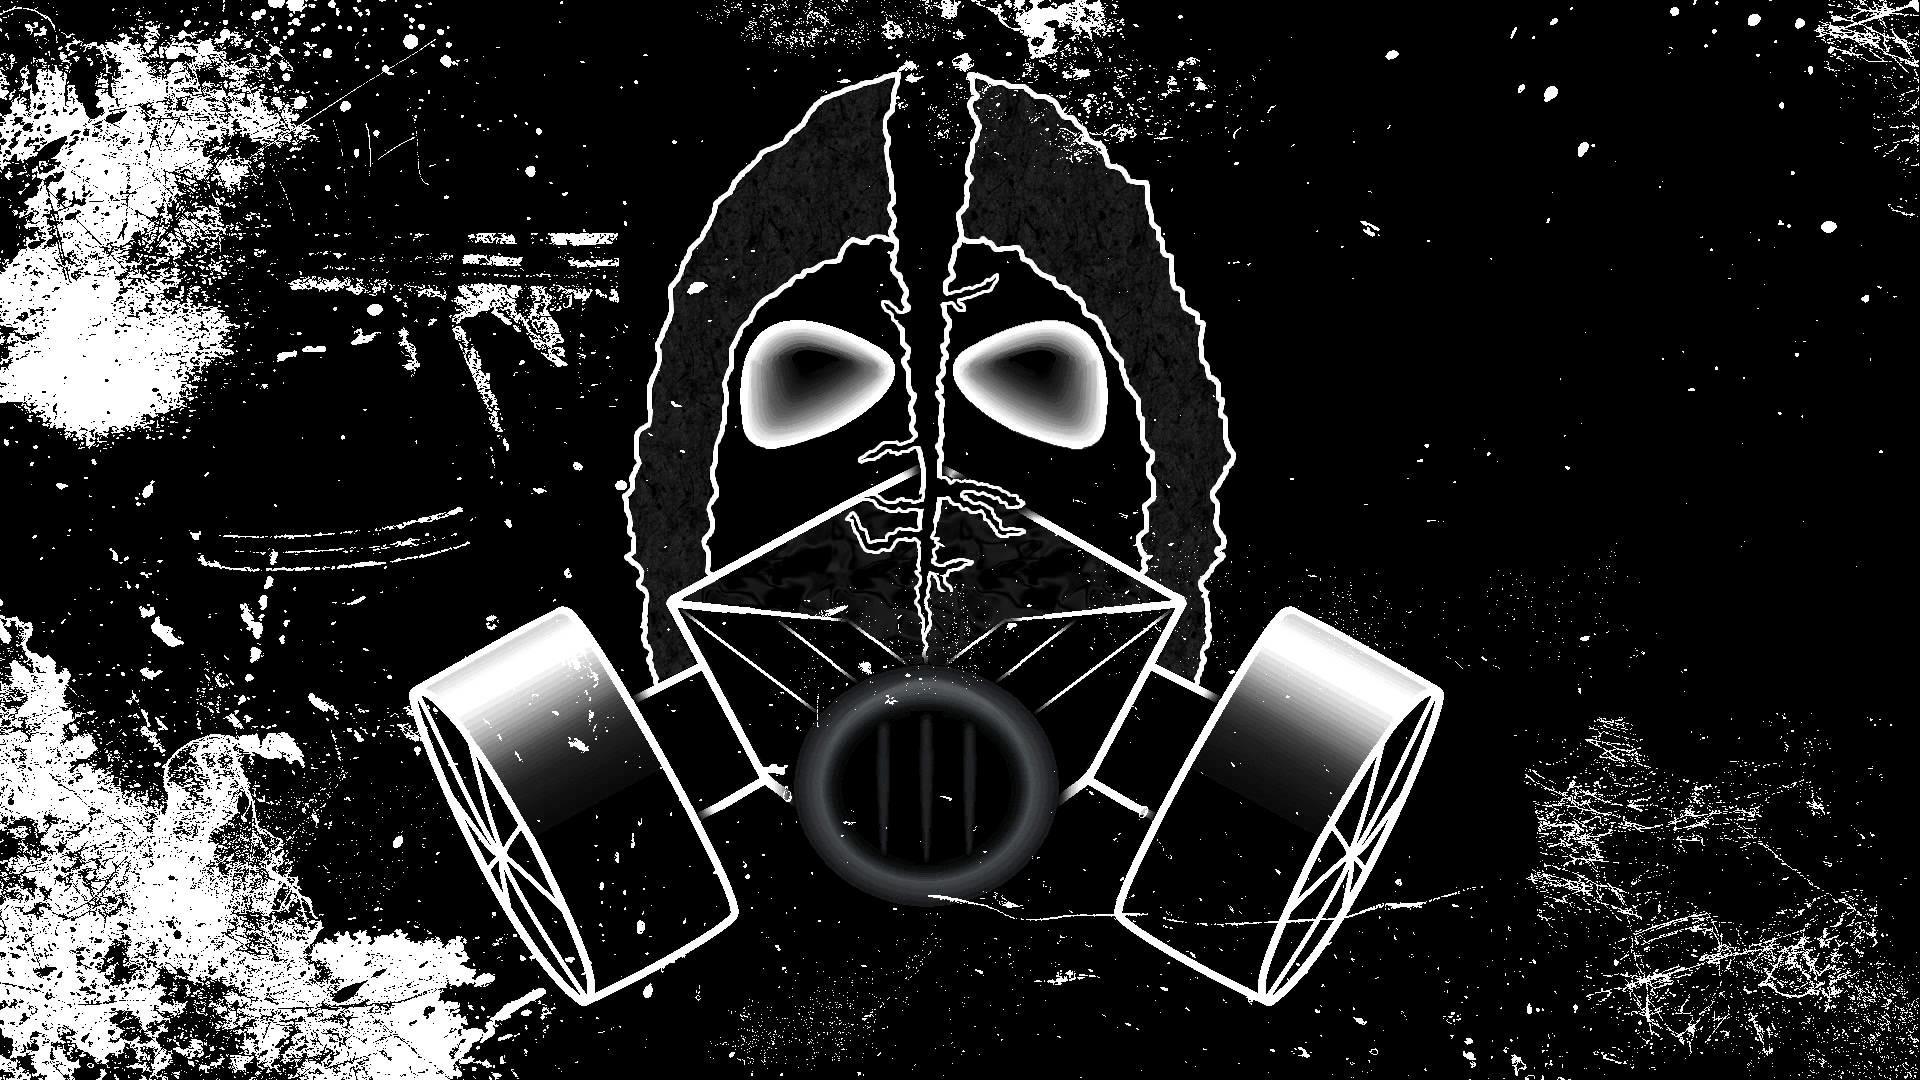 dubstep gas mask wallpaper 183��